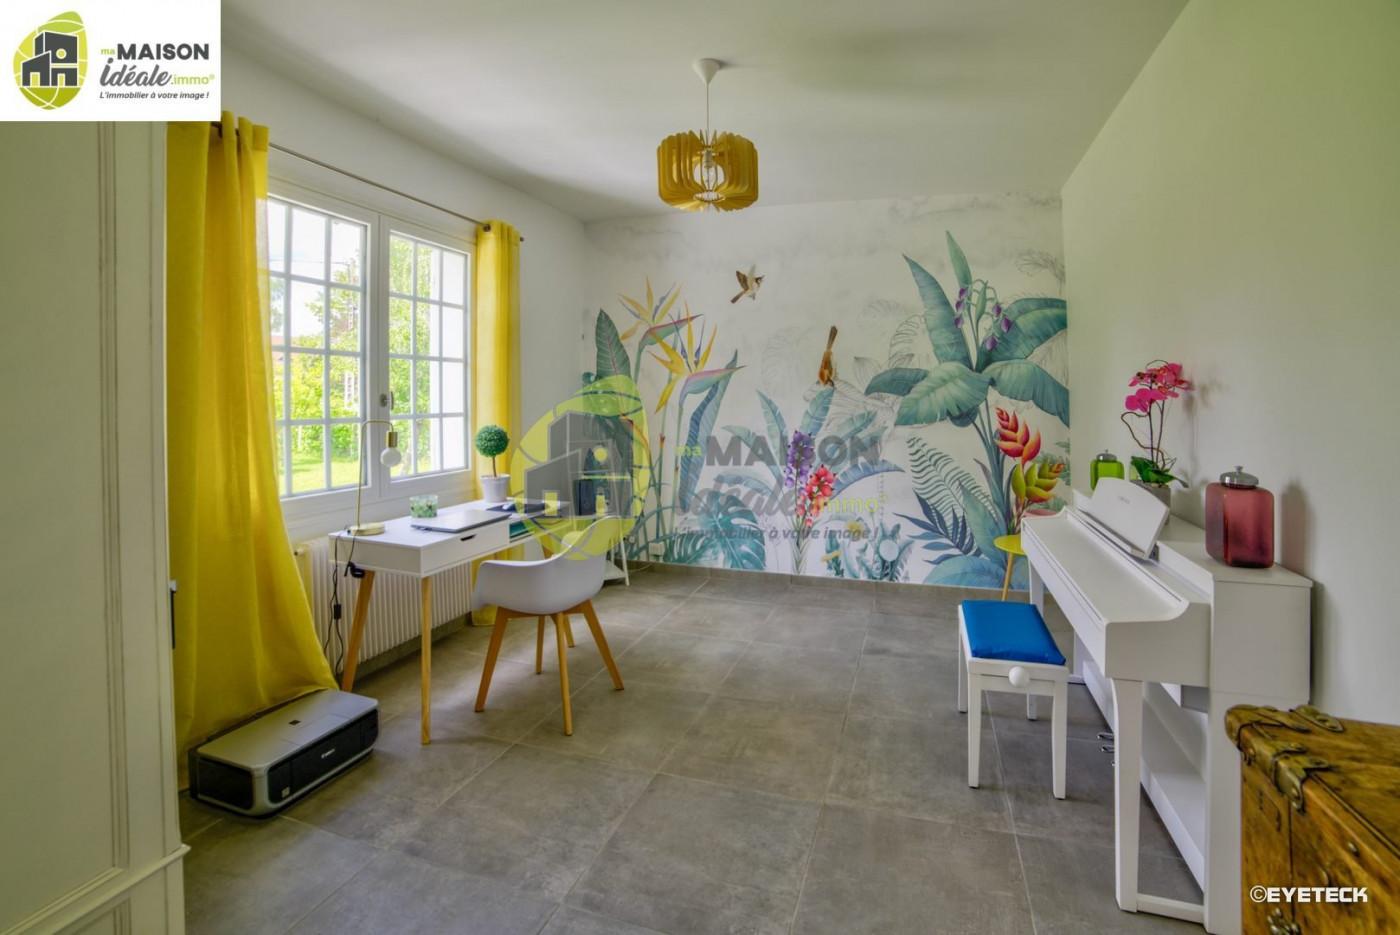 A vendre  Bourges | Réf 360031015 - Ma maison ideale